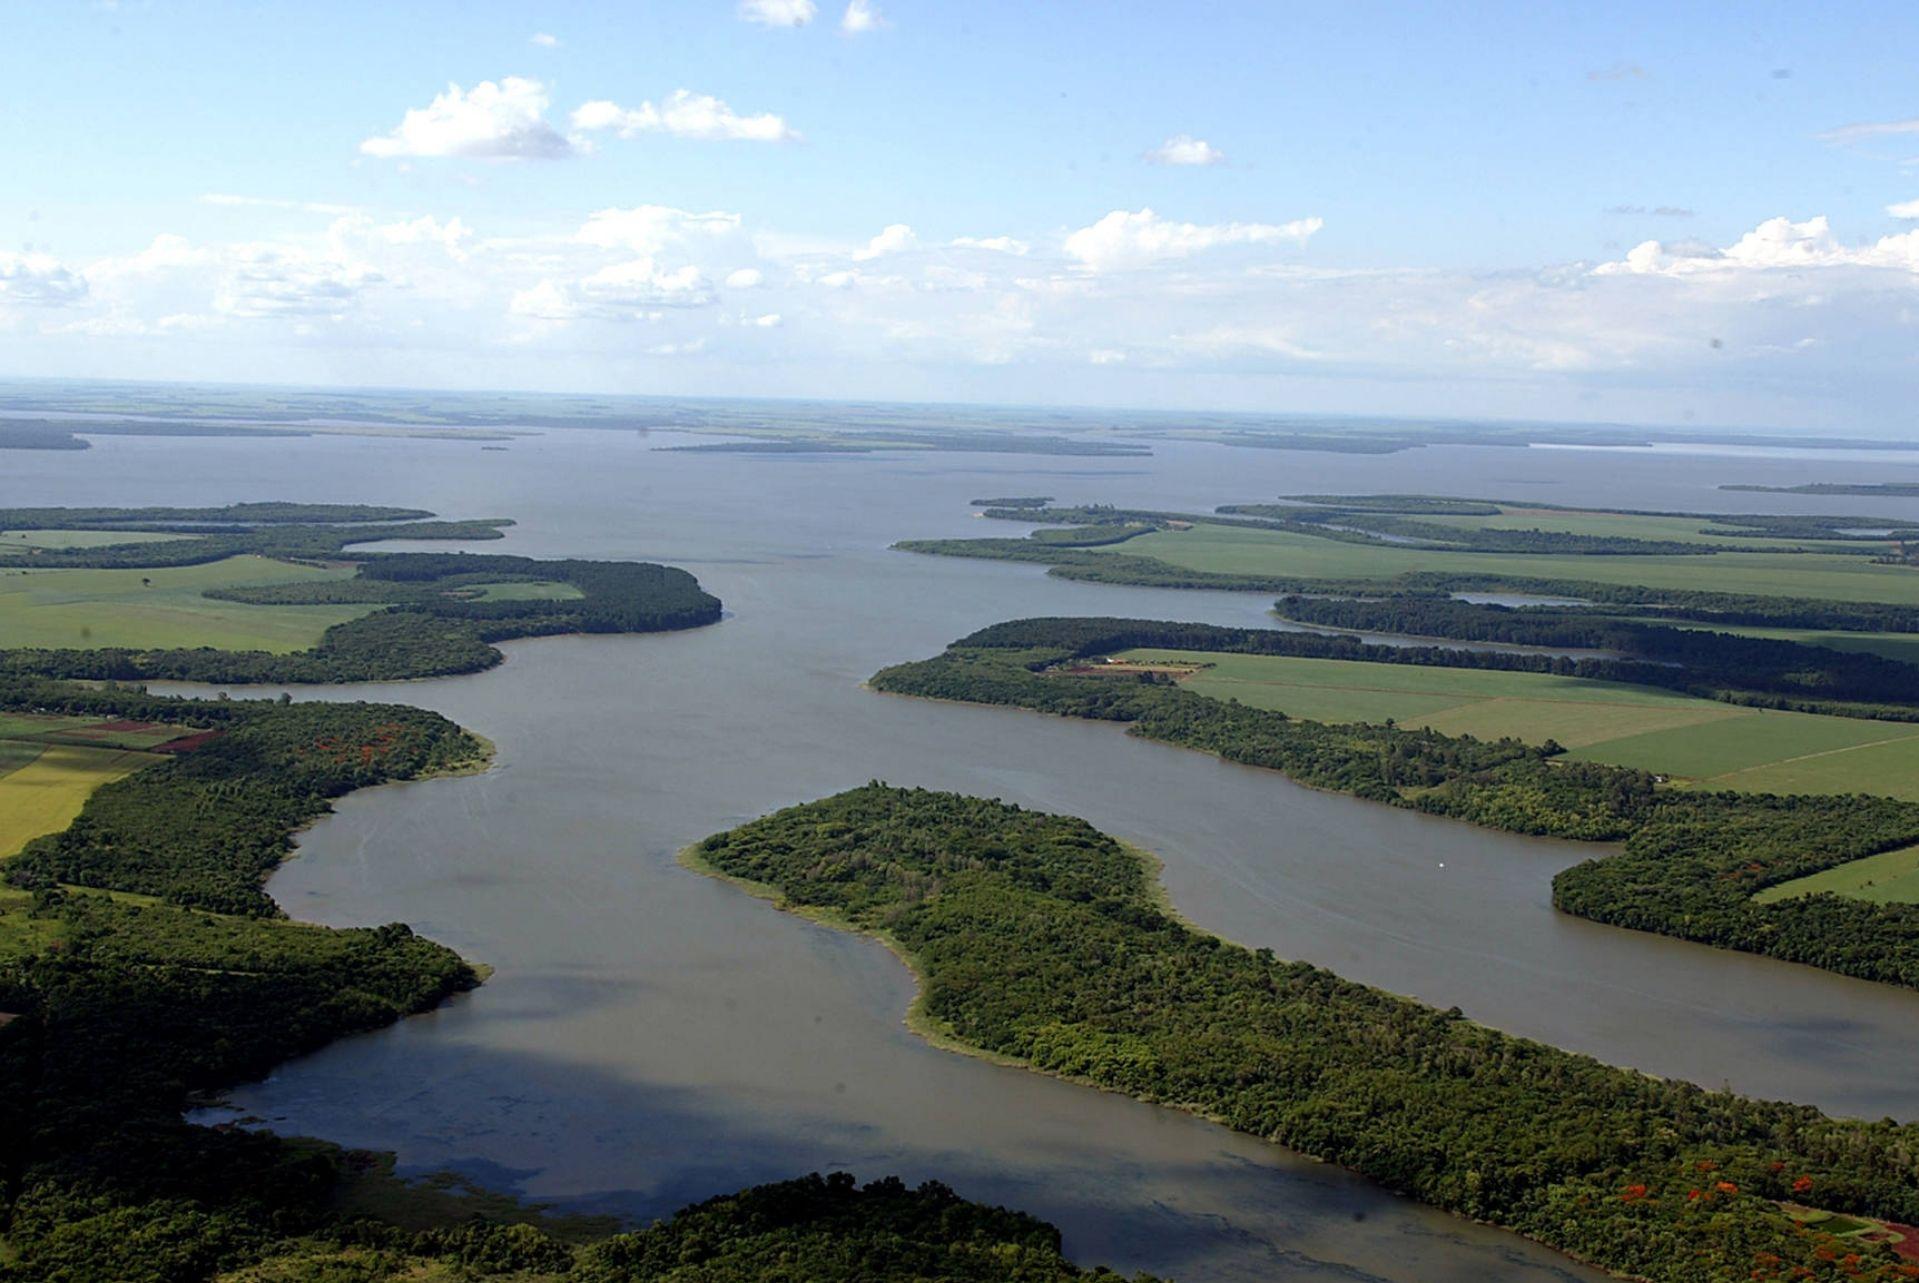 Portos do Paraná inicia ações de recuperação e preservação da vegetação nativa no litoral